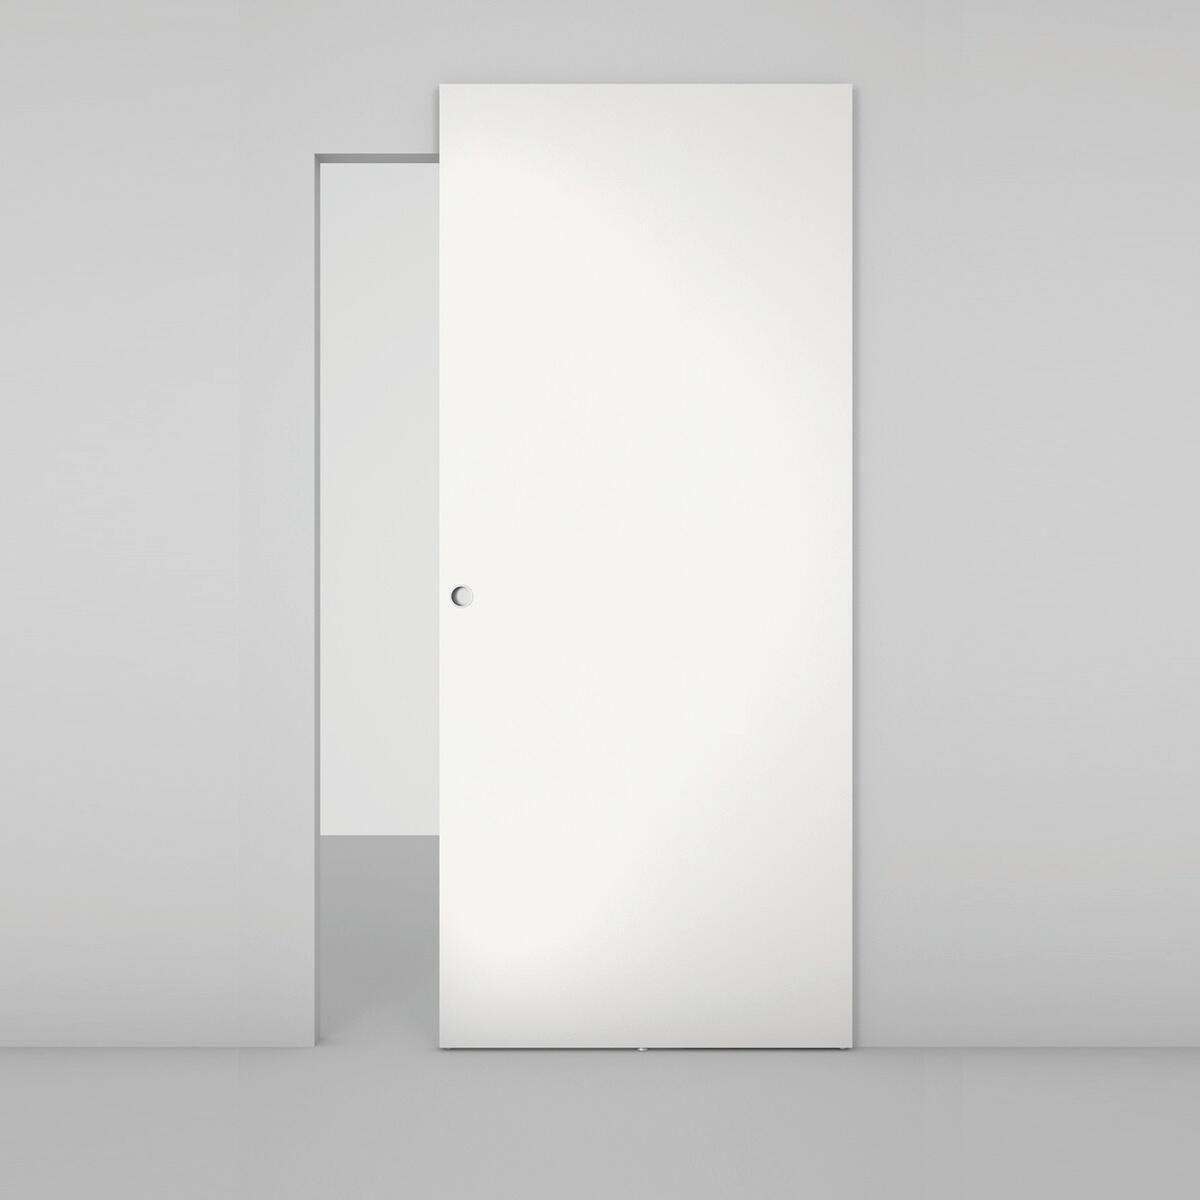 Porta scorrevole con binario esterno Space Lam Tda in legno laccato Binario nascosto L 101 x H 230 cm sx - 2